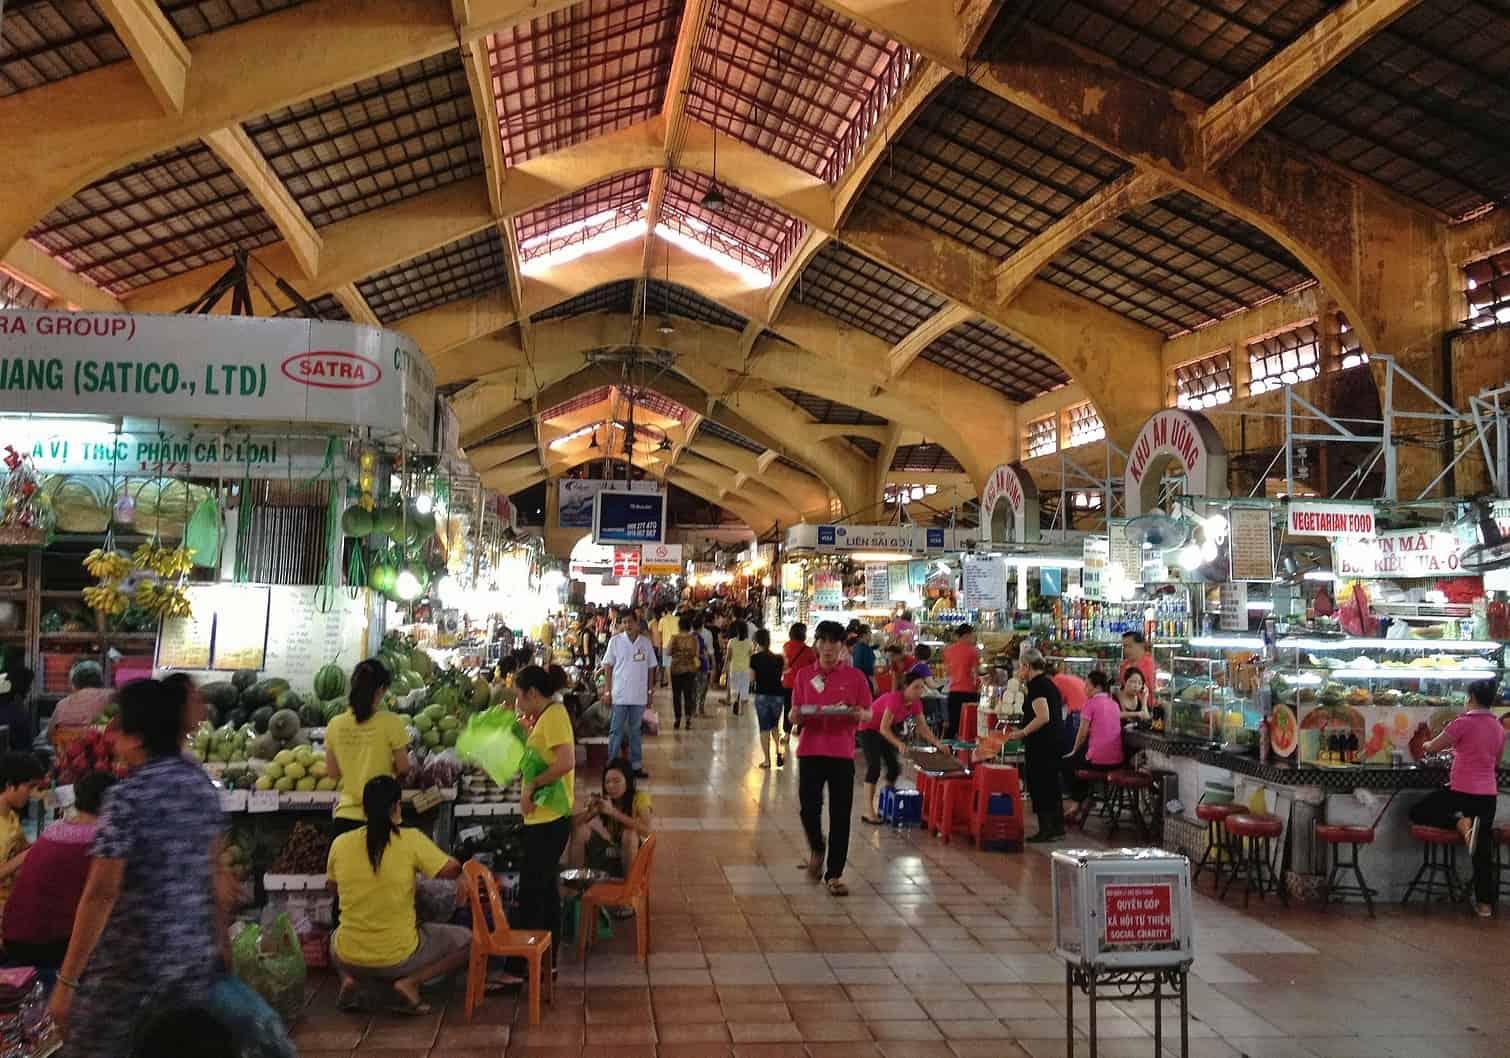 Die Essensstände in dem Ben-Thanh-Markt sieht Hunderte Besucher pro Tag, so dass Sie neigen dazu, gehen Sie durch das Essen Recht schnell im Vergleich zu anderen Essens-Ständen rund um die Stadt.